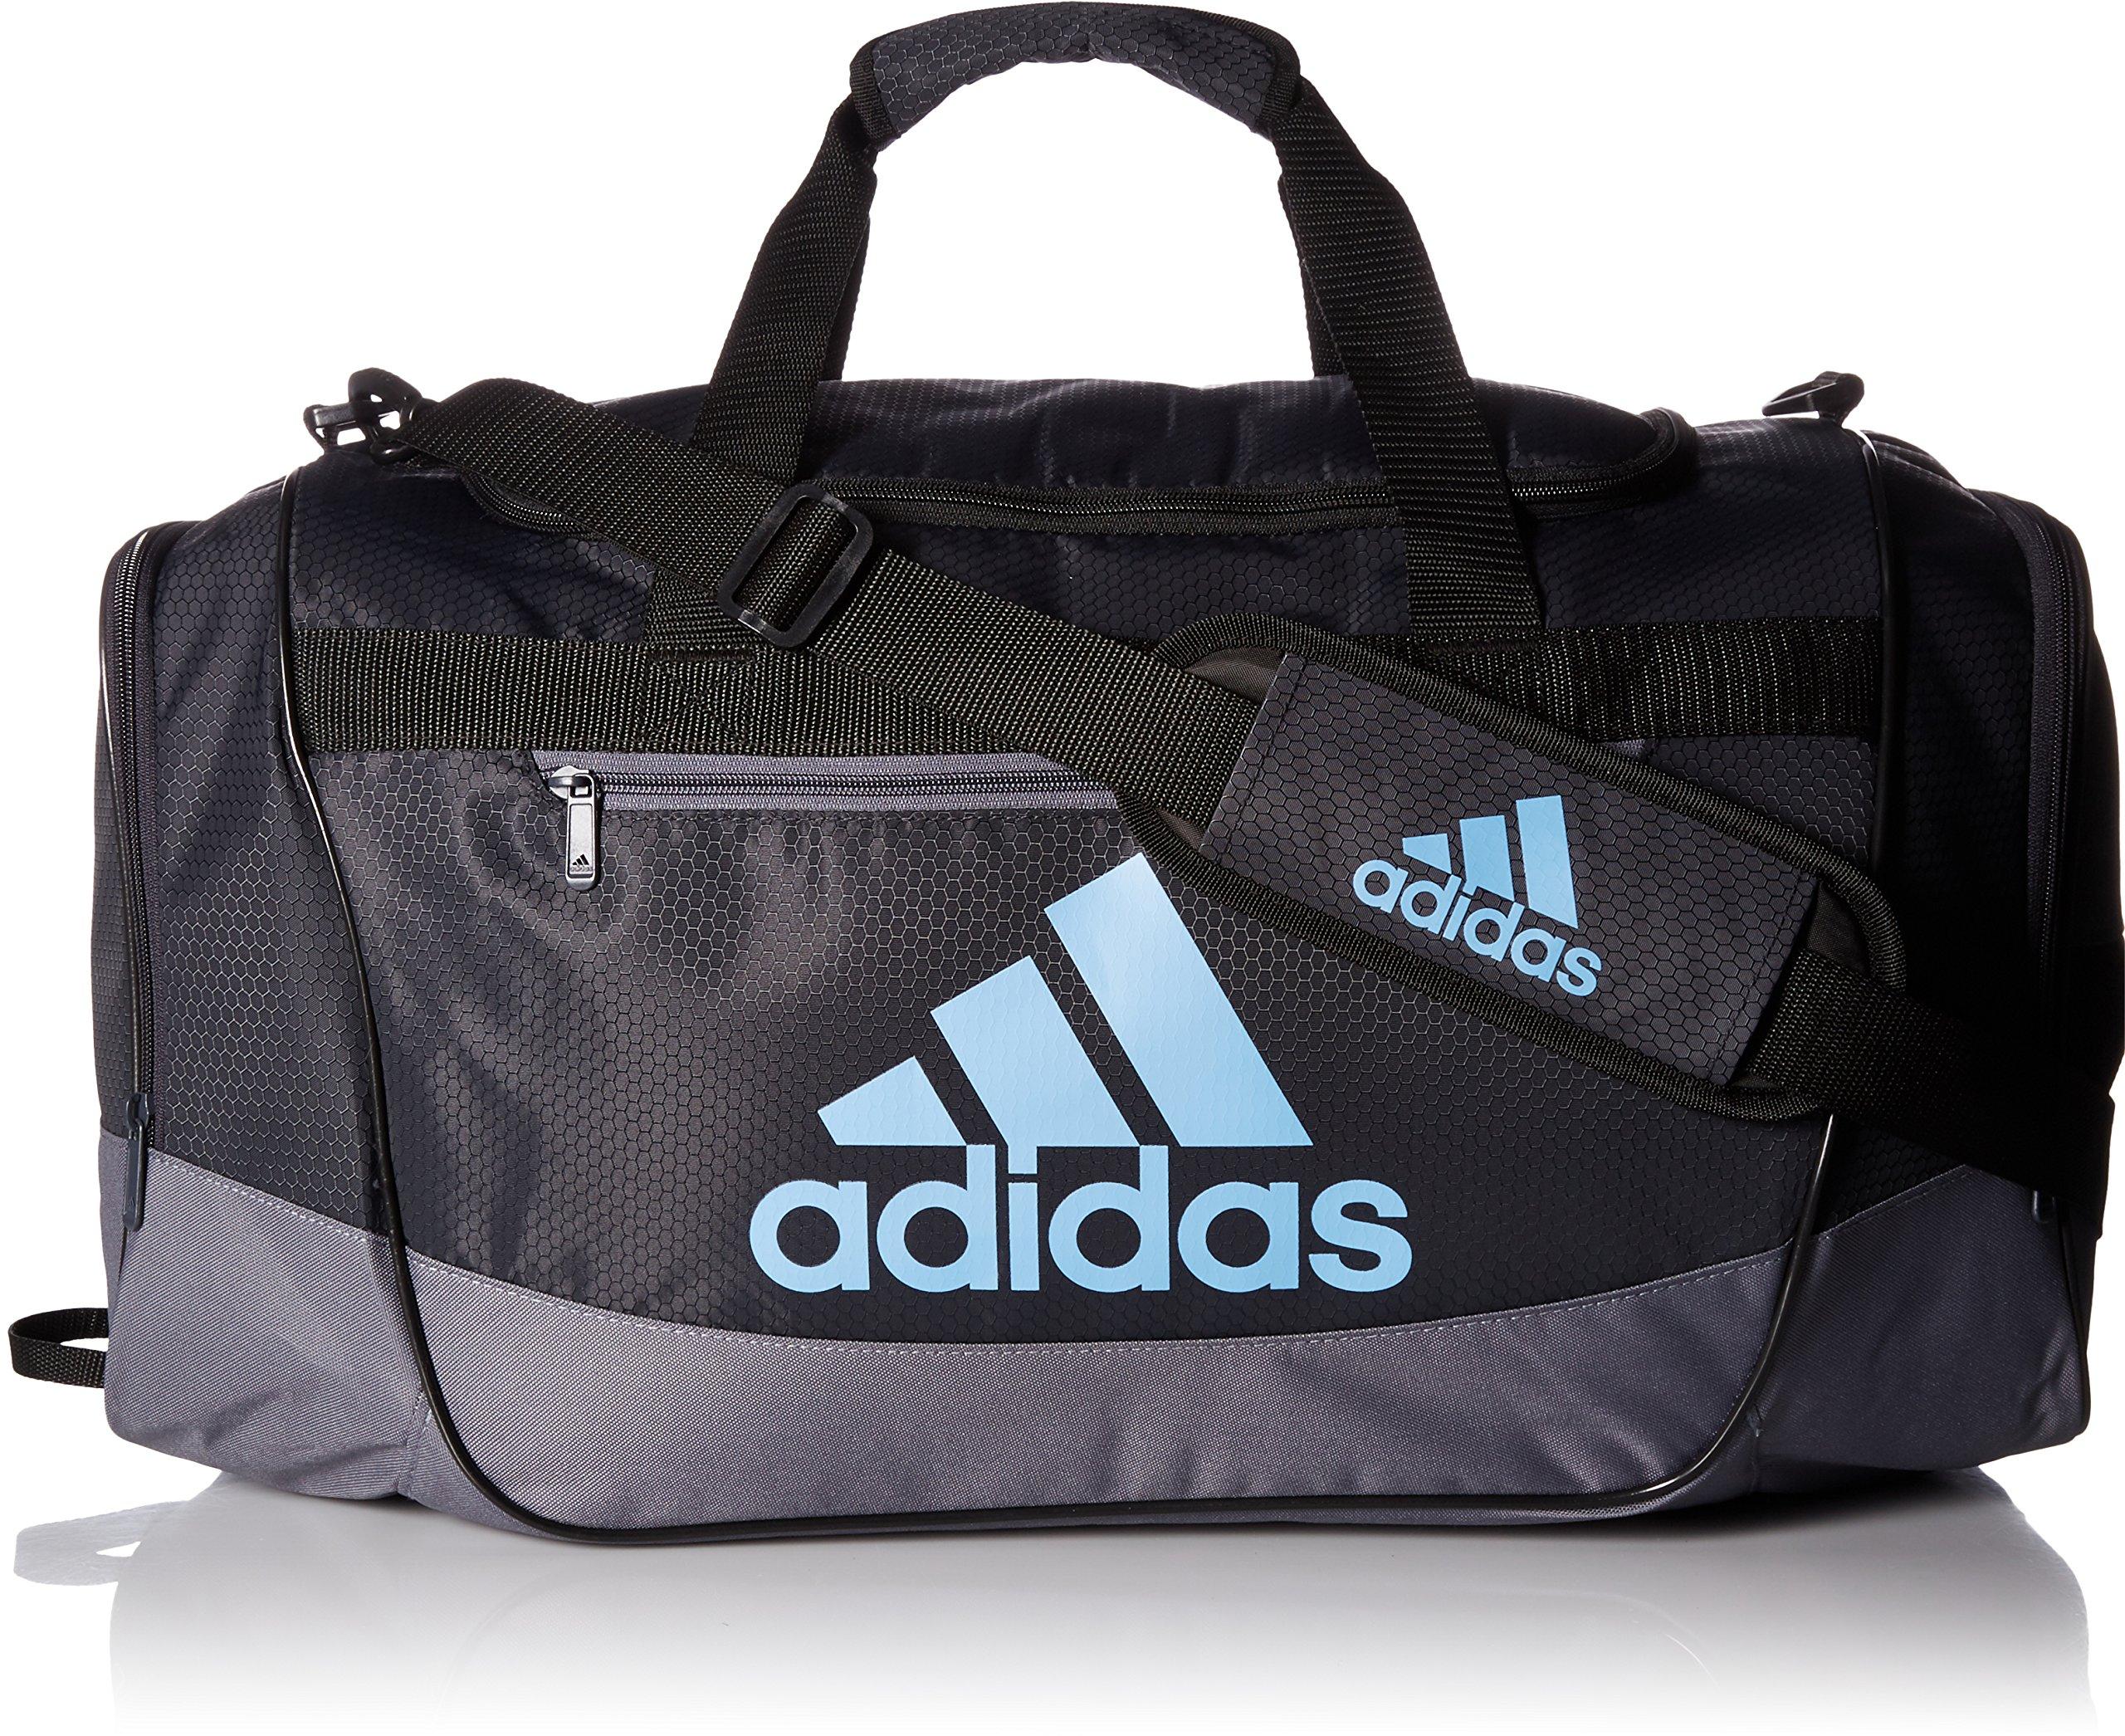 adidas Defender III medium duffel Bag, Blue, One Size